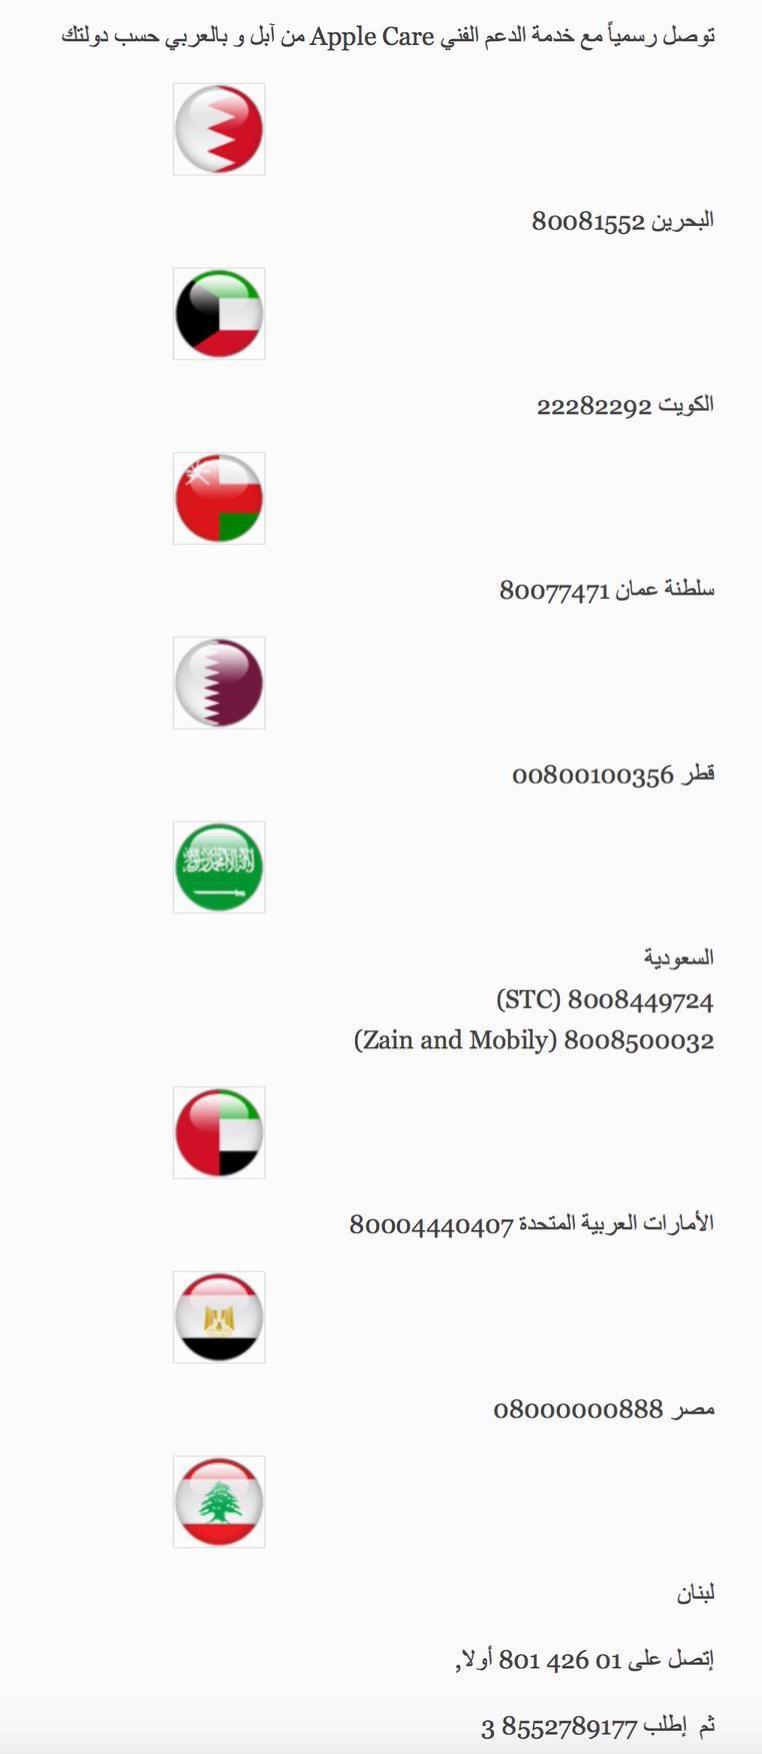 بدرالحمي د Ar Twitter آبل أرقام الدعم الفني لأبل باللغة العربية الرياض جدة المدينة تبوك السعودية آبل آيفون آيباد ماك آي ماك Https T Co Pxfeo5npdo